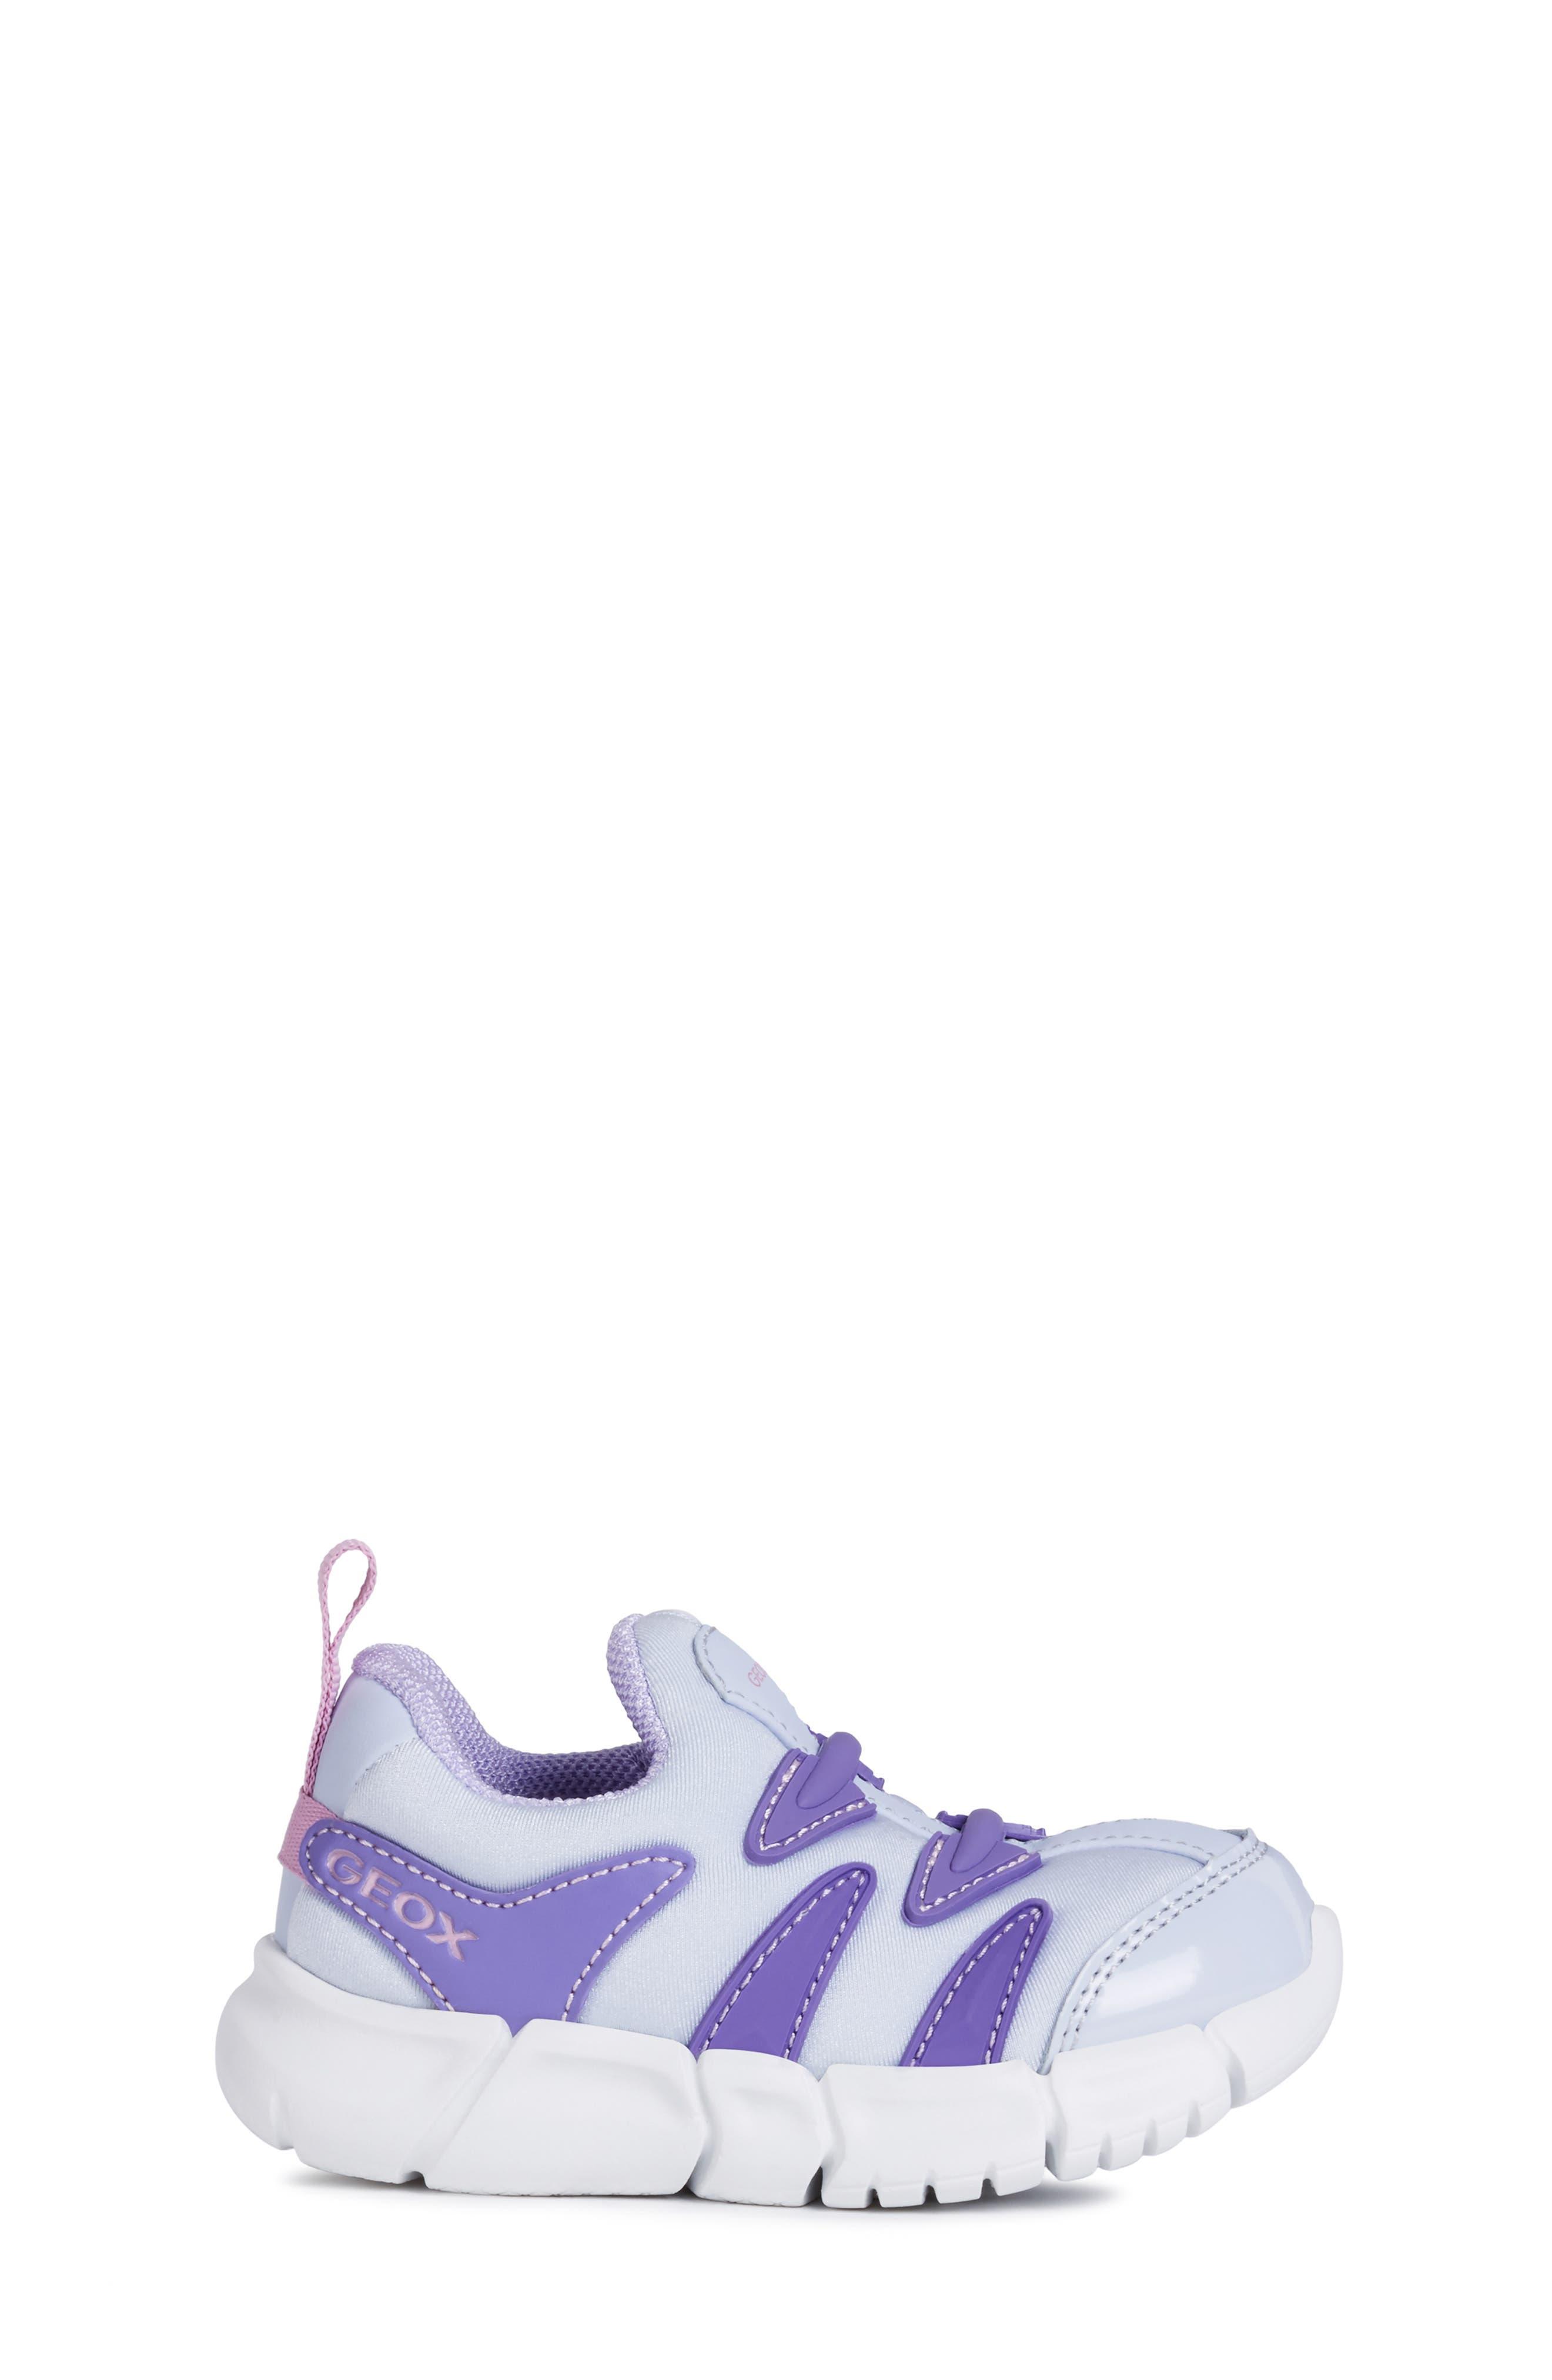 Flexyper Sneaker,                             Alternate thumbnail 3, color,                             SOFT SKY